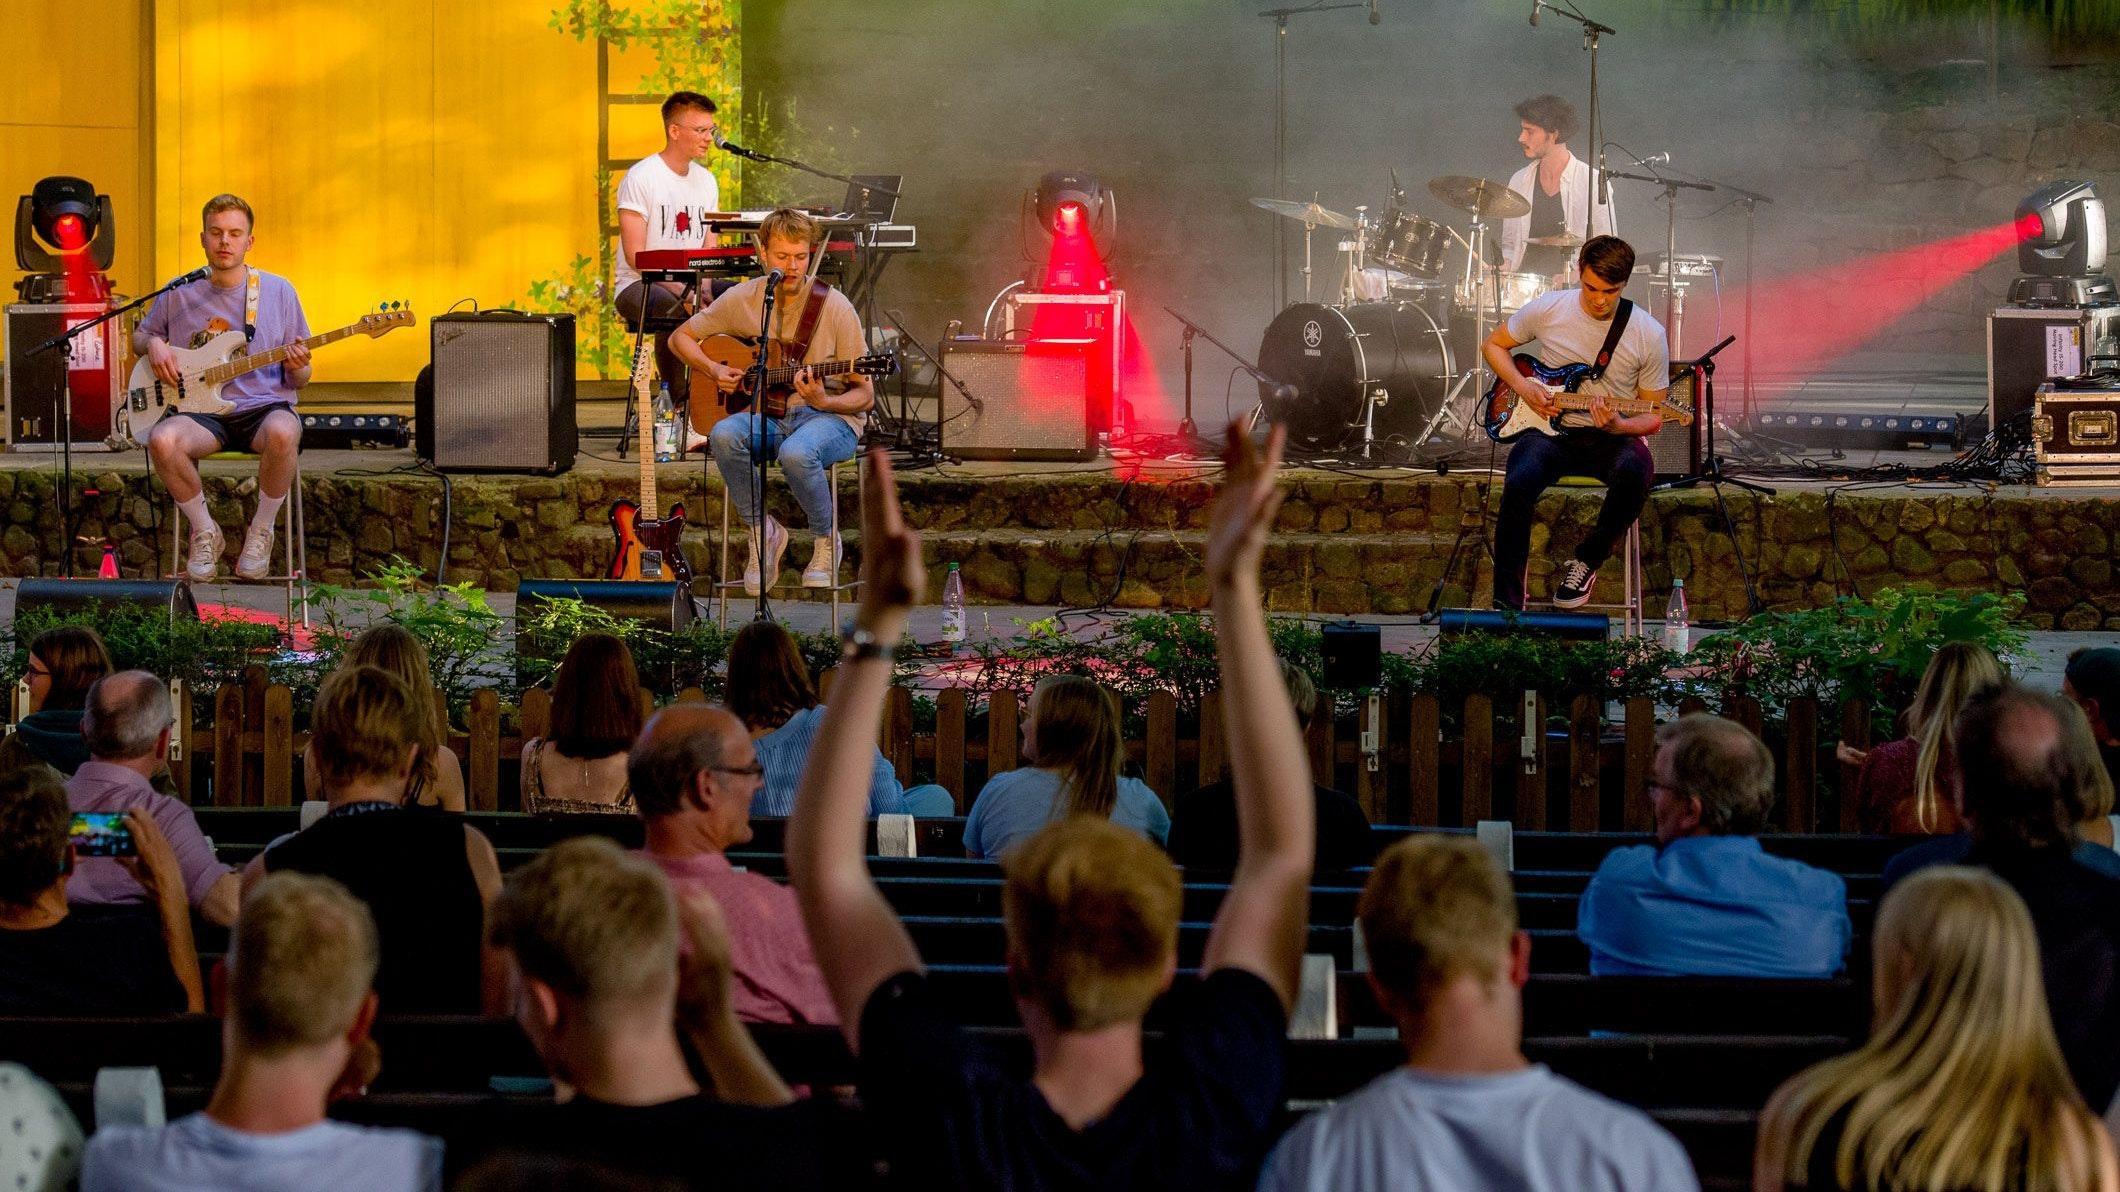 Direkt auf Betriebstemperatur: Die Band Jacob Fortyhands und das Publikum. Foto: Wenzel